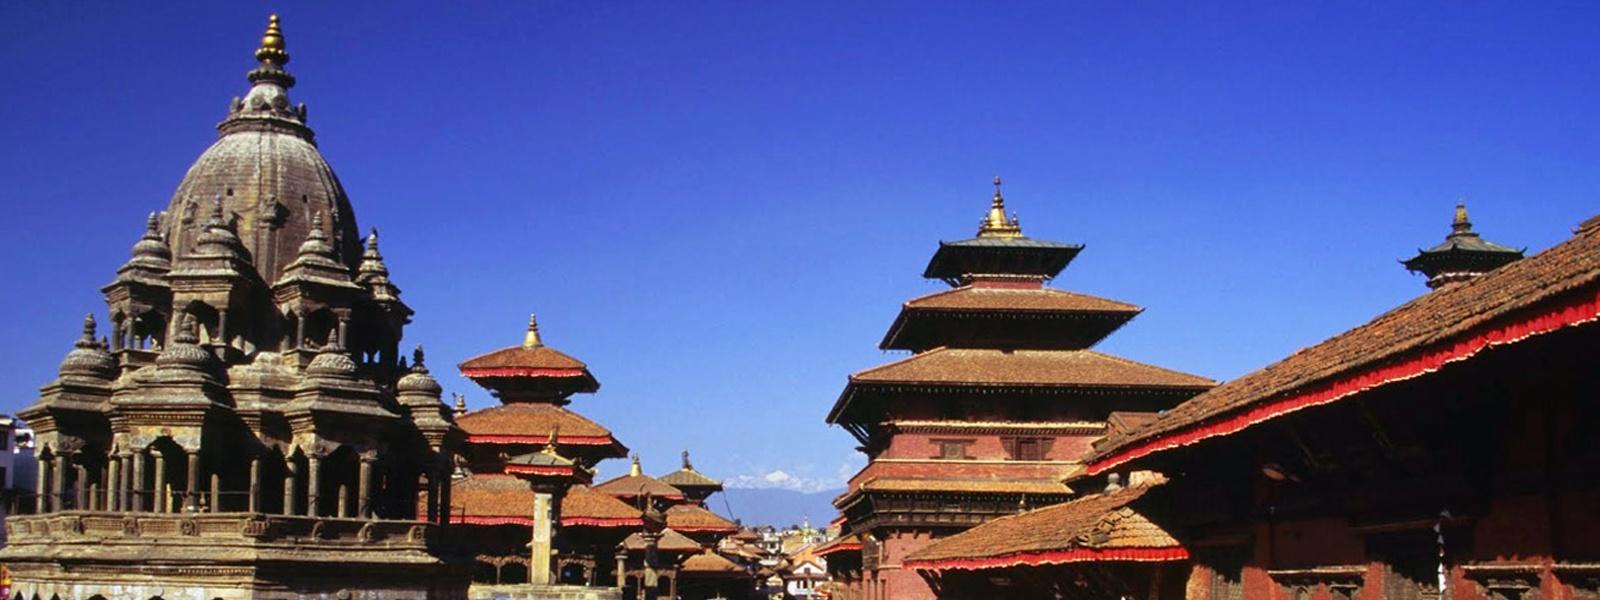 Kathmandu Transit Tour - 3 Days